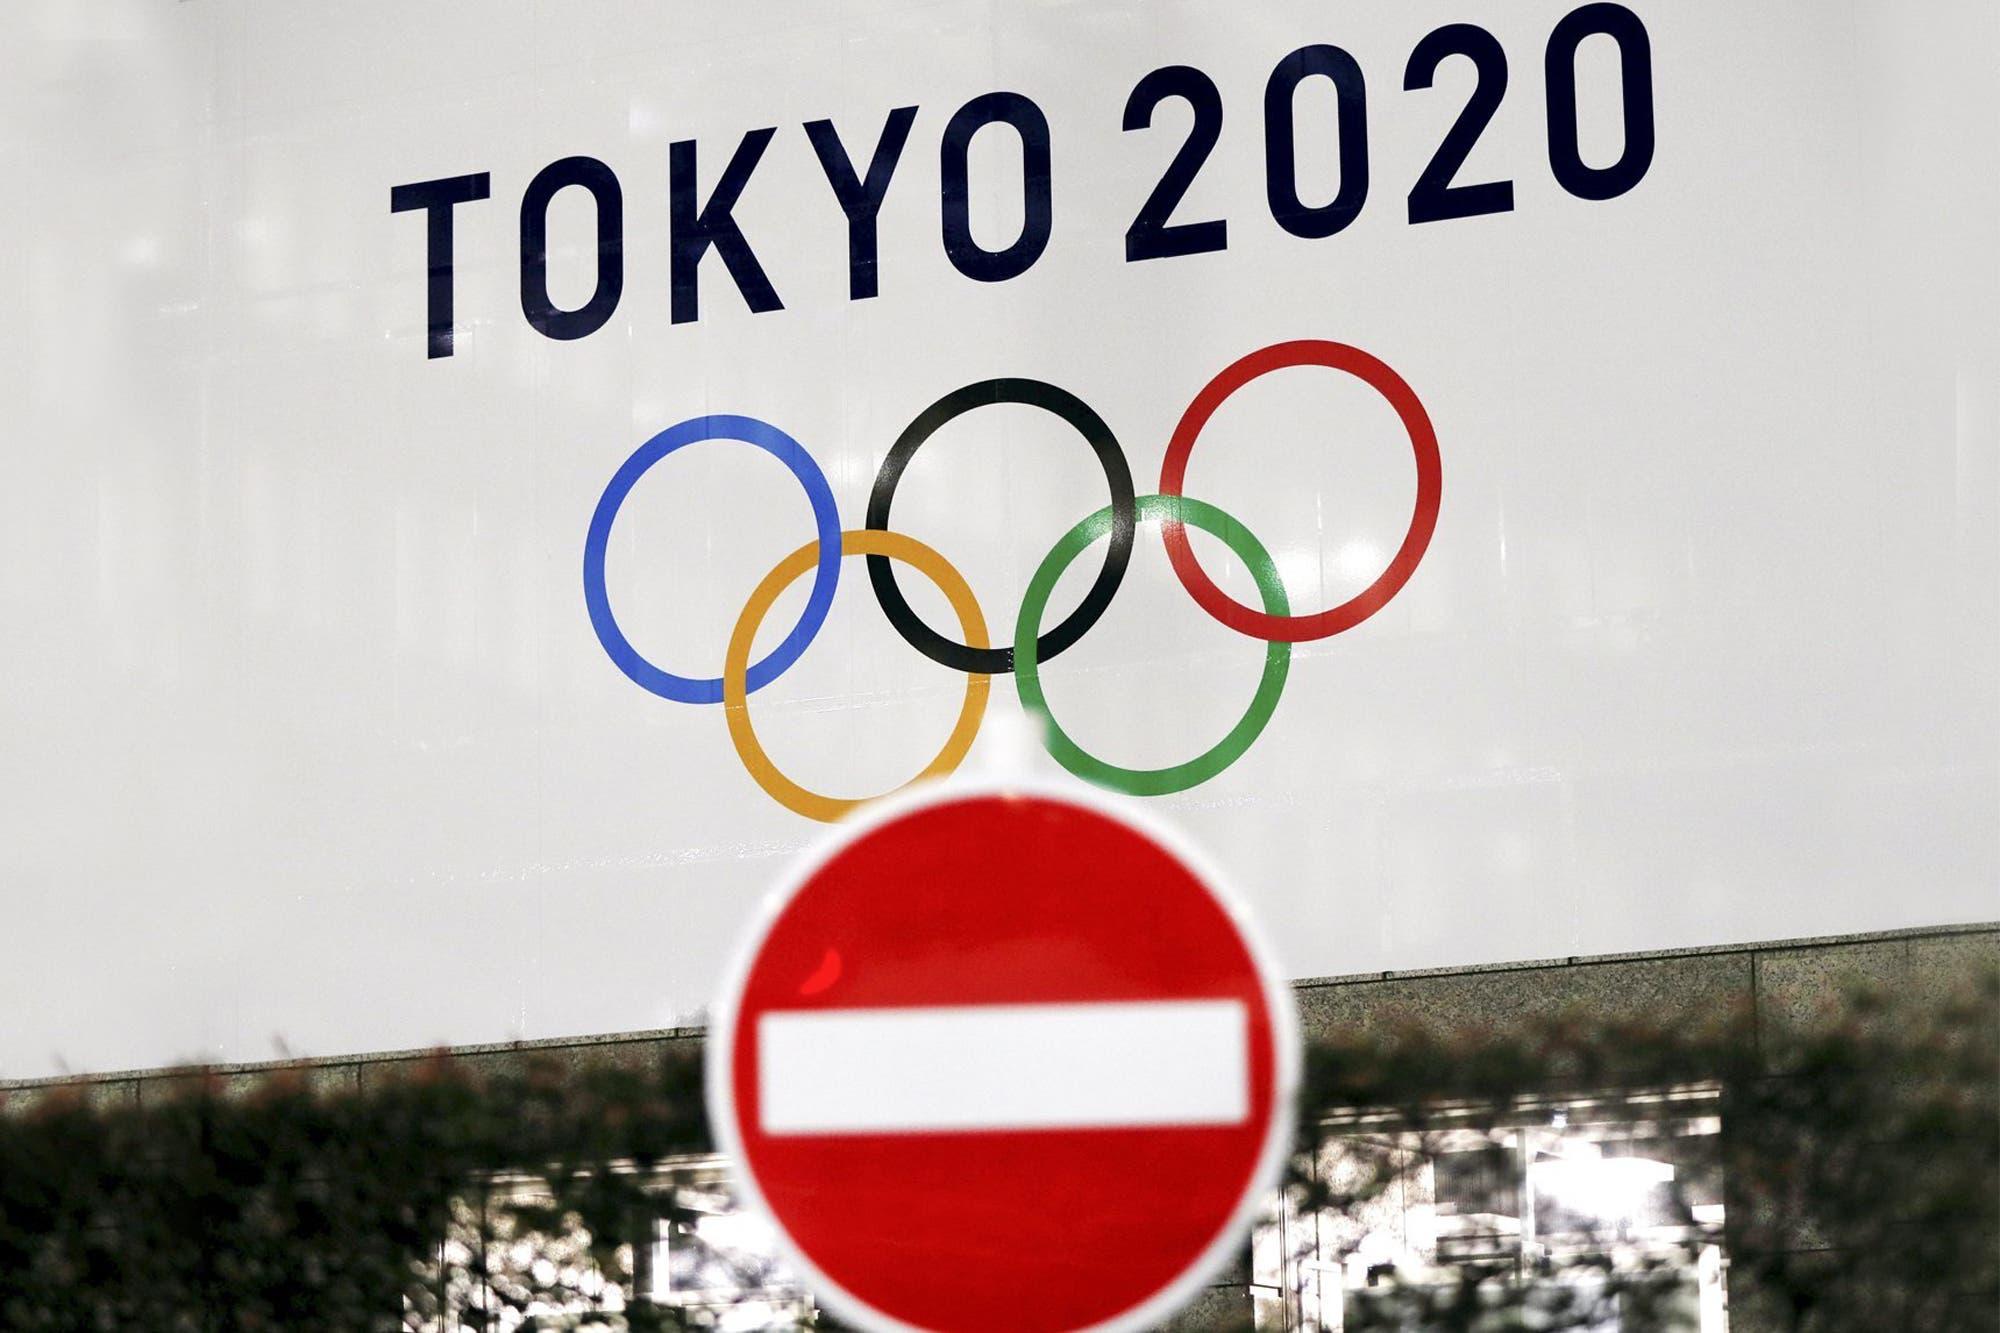 Juegos Olímpicos de Tokio: el gobierno japonés ya decidió su cancelación definitva, asegura el diario The Times